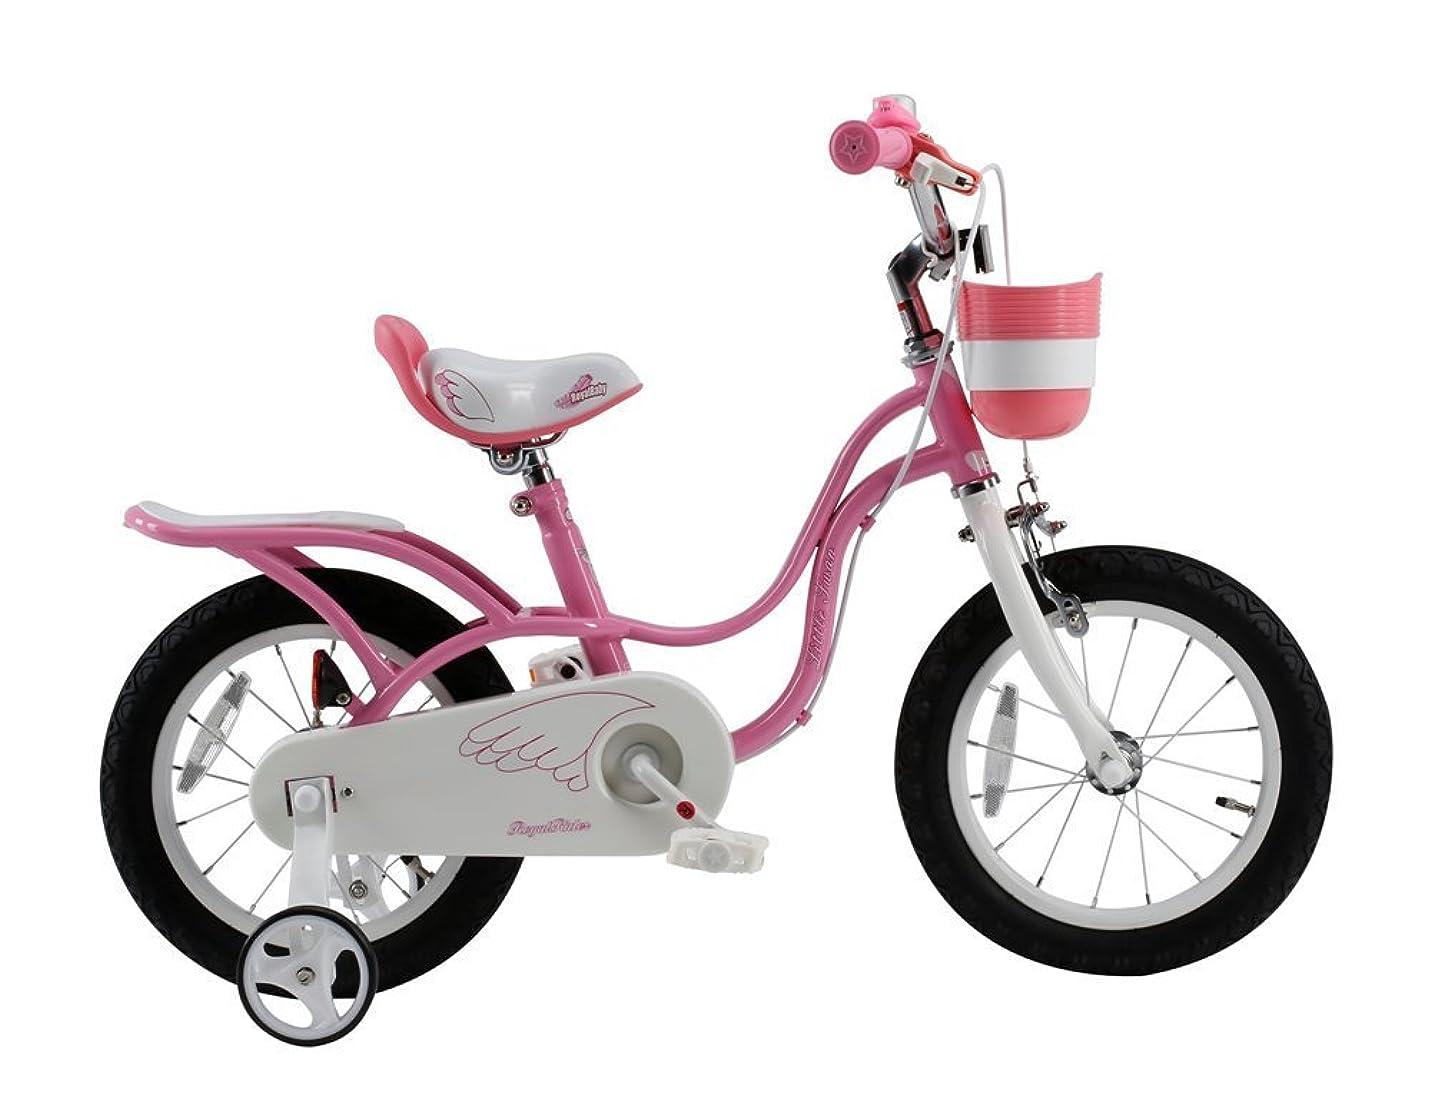 バン是正するマザーランドROYALBABY(ロイヤルベイビー) 16インチ 補助輪付き 子ども用 自転車 ピンク [メーカー保証1年] チェーンケース カゴ リアキャリア RB-WE LITTLE SWAN